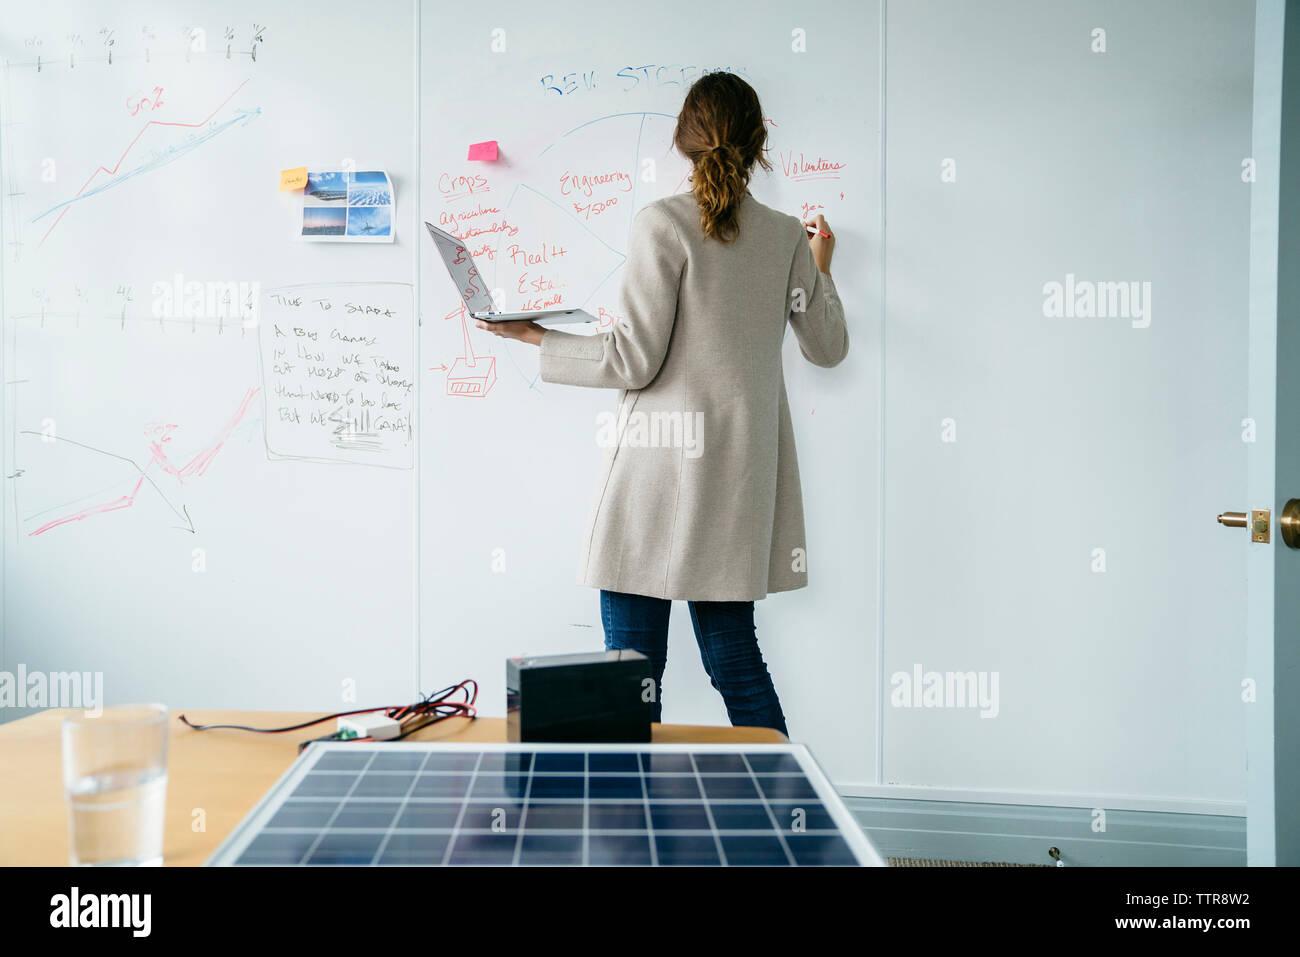 Vista trasera de la empresaria escrito en pizarra mientras trabaja a través de paneles solares en la oficina Imagen De Stock